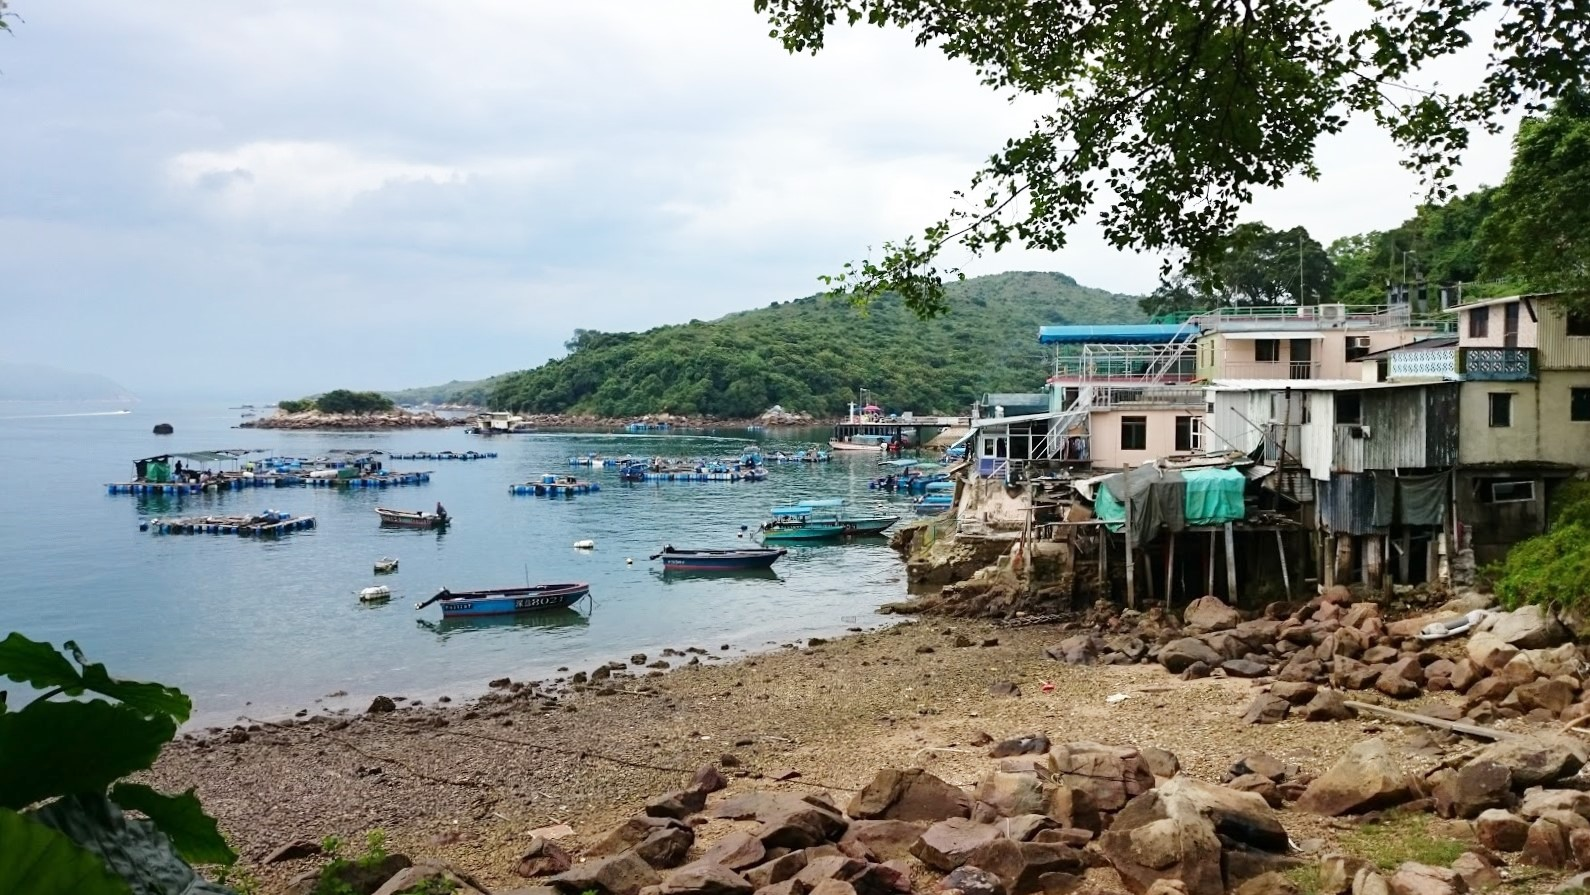 Tap Mun saari hongkong